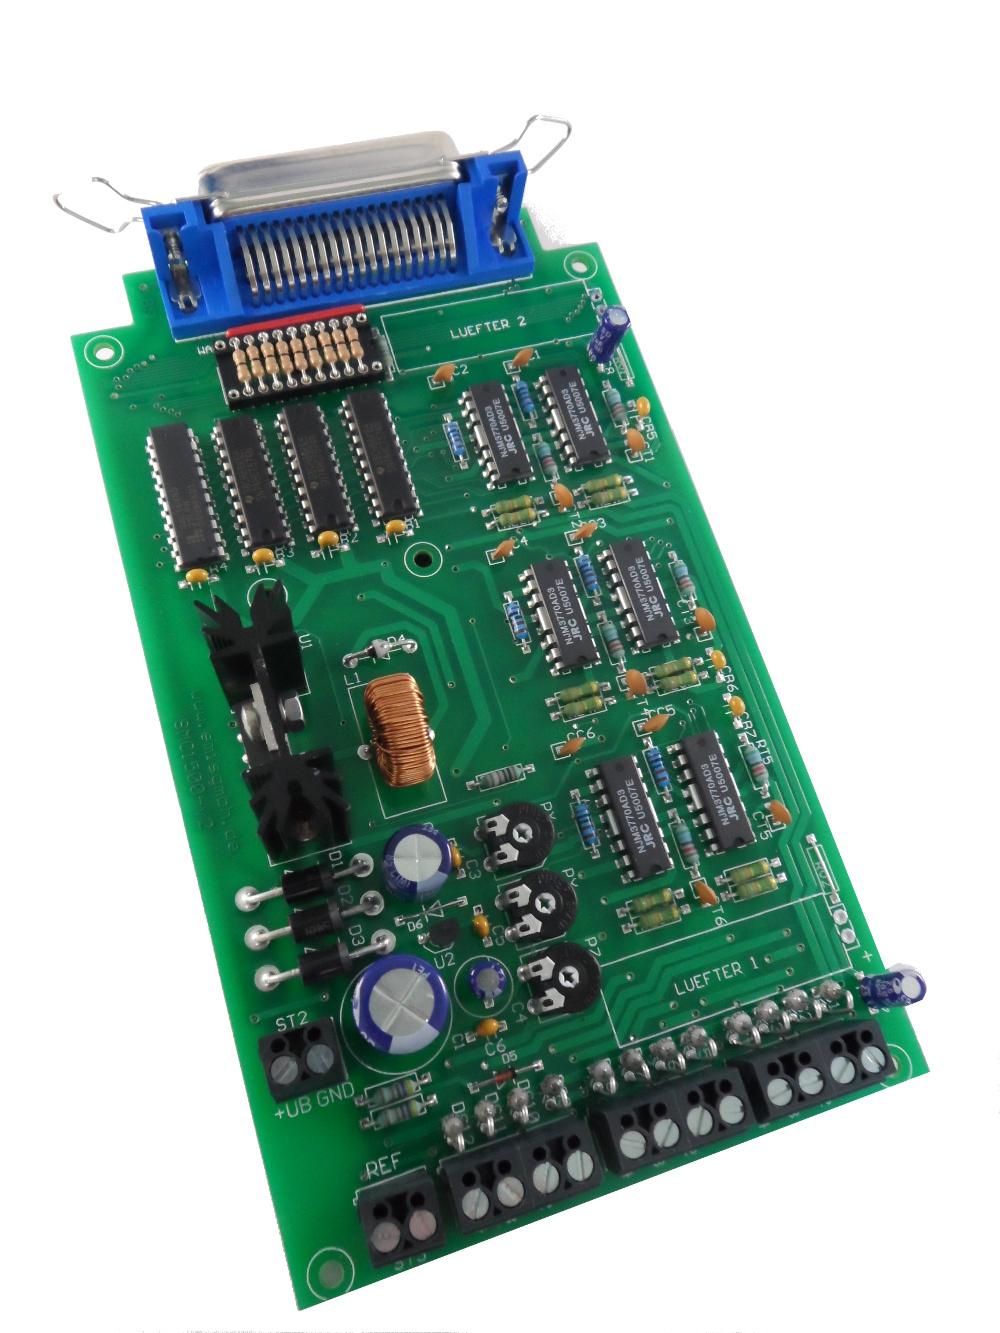 Schrittmotorsteuerung, Schrittmotorsteuerkarte SMC1500